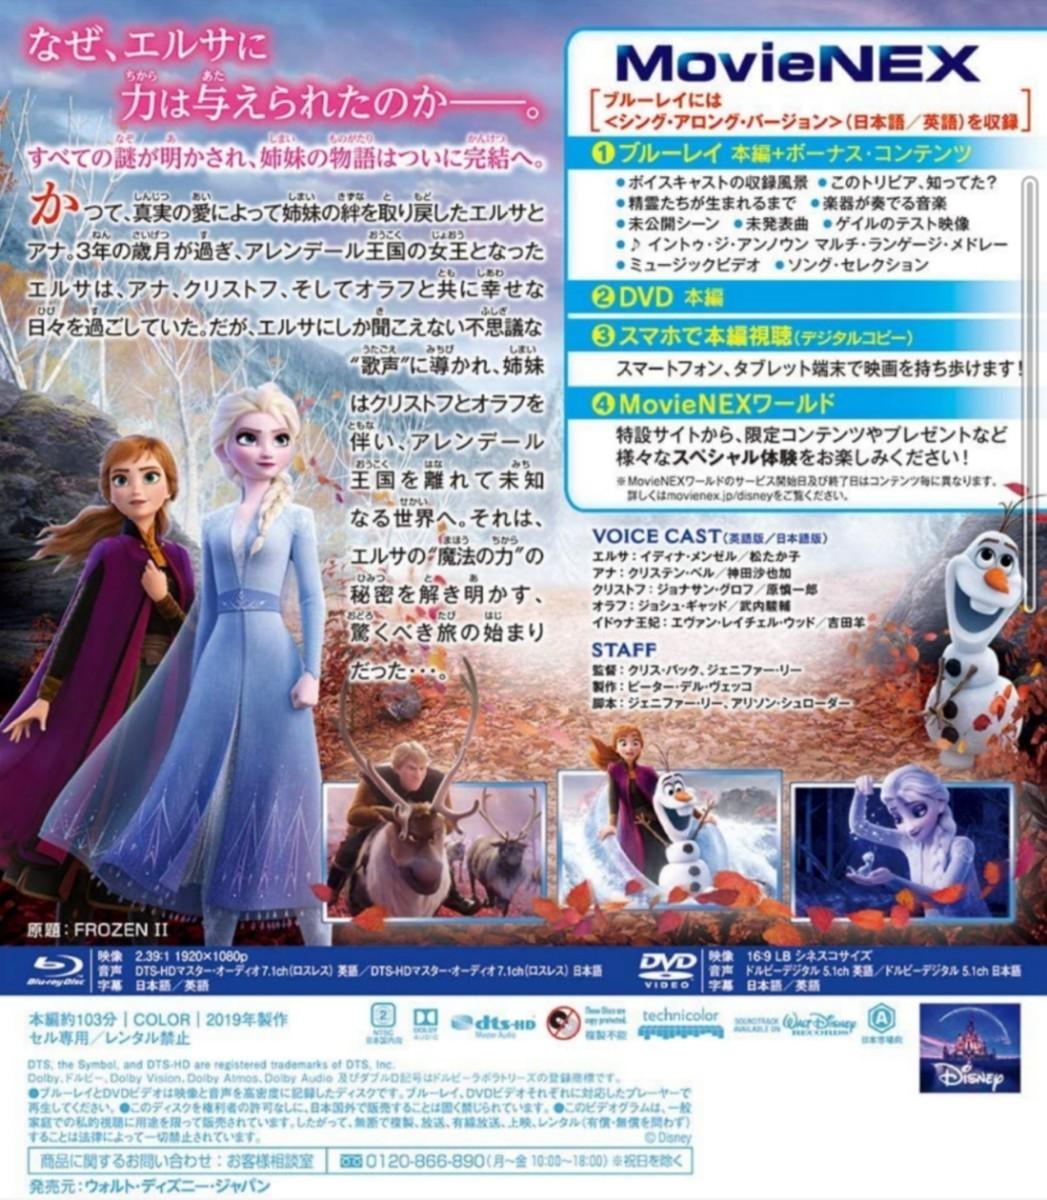 アナと雪の女王2 MovieNEX Blu-ray